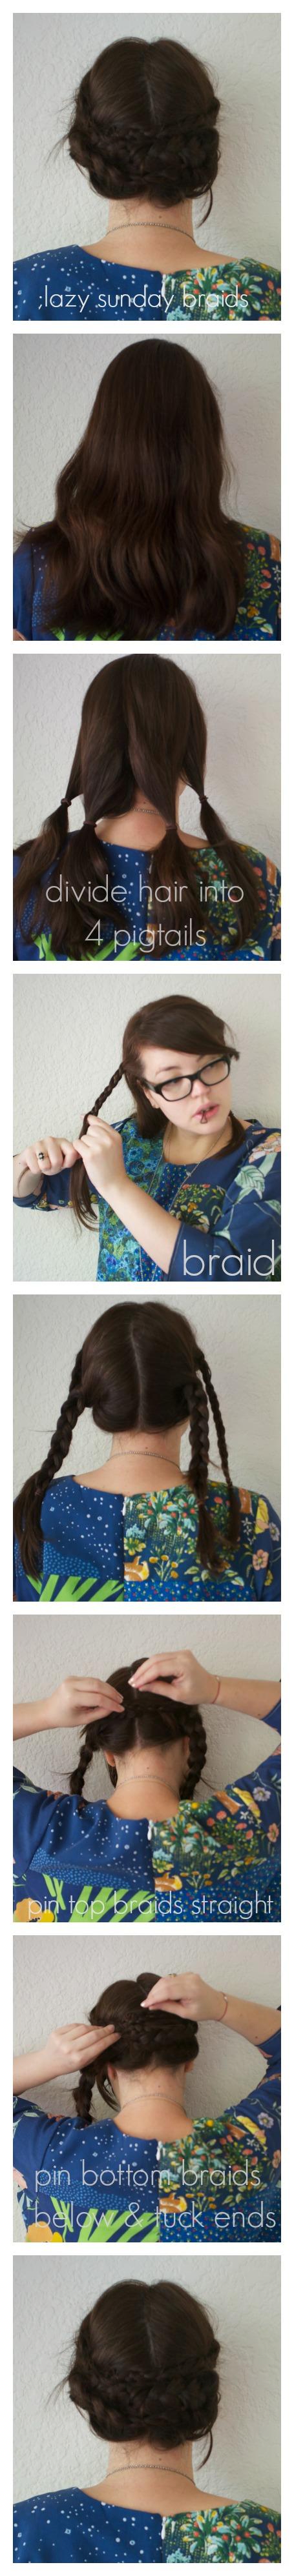 sunday braids tutorial